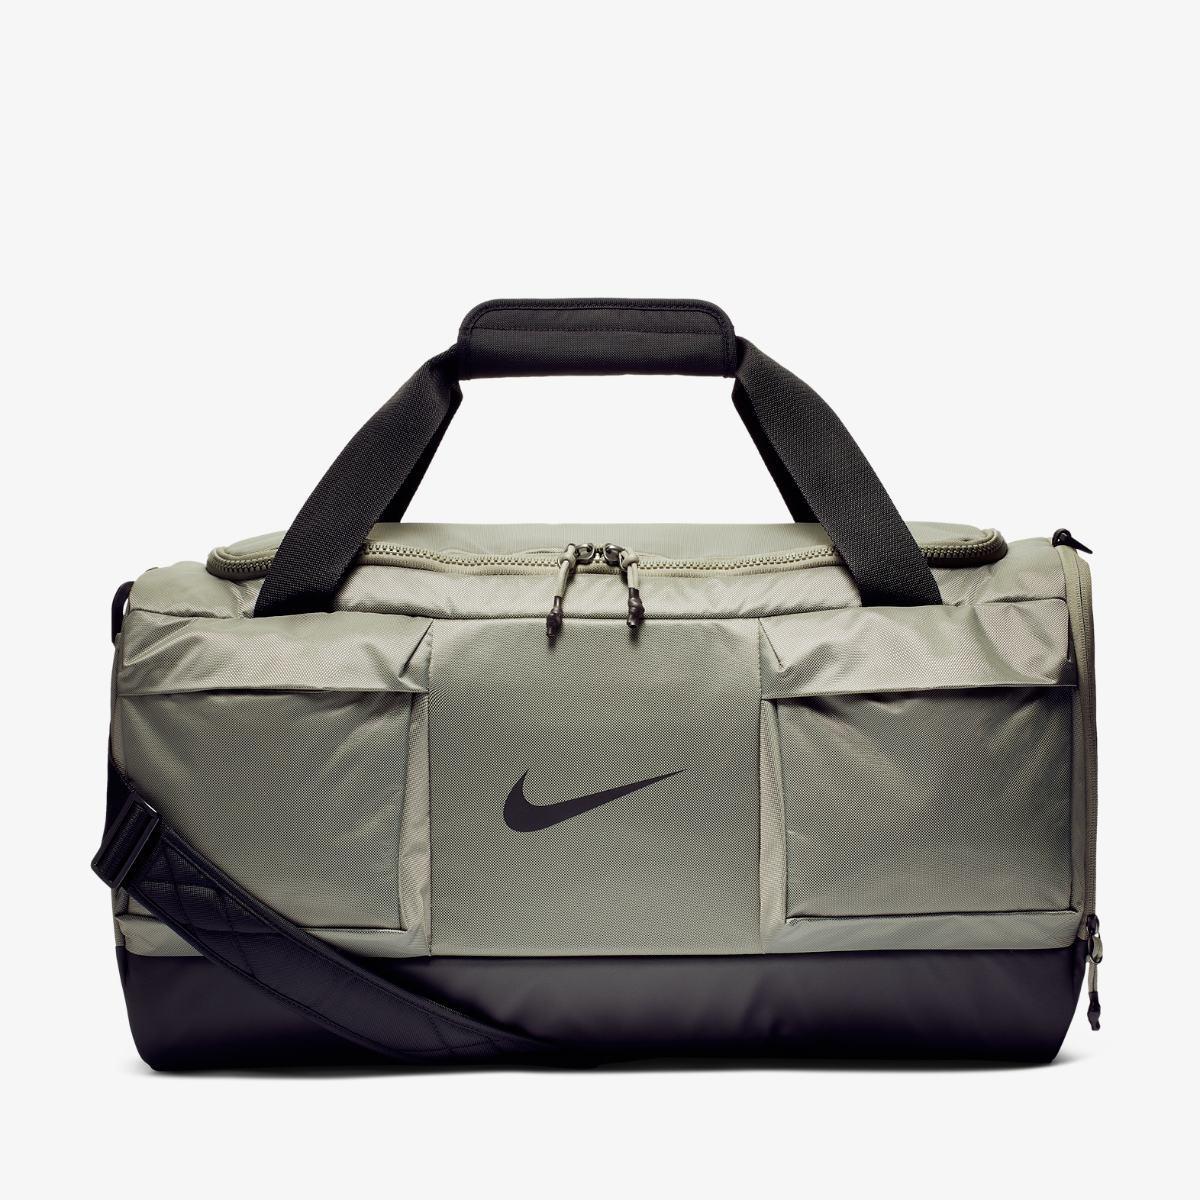 7eee20e9812d Сумка Nike Vapor Power S BA5543-004 -